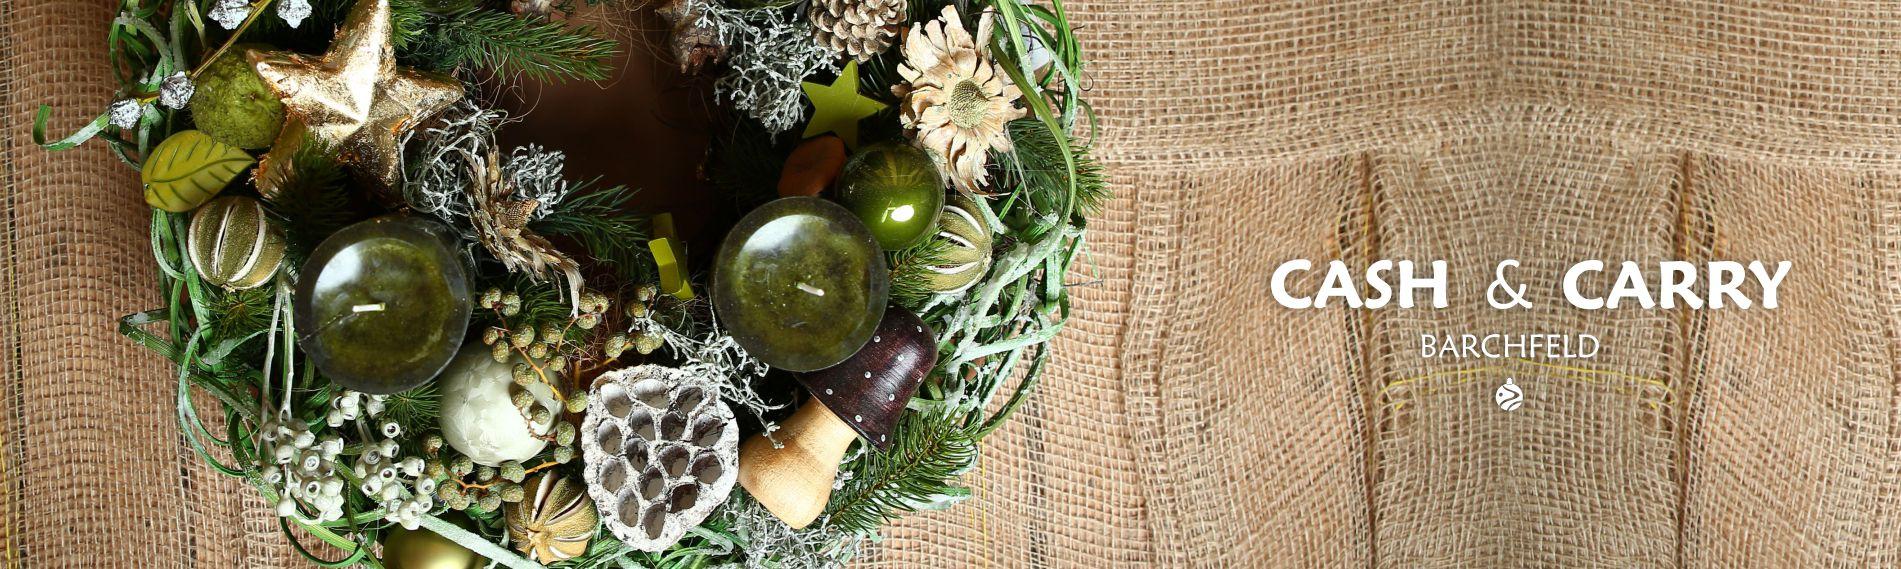 Weihnachtsideen mit Weisheit Blumen & Anette Kamping